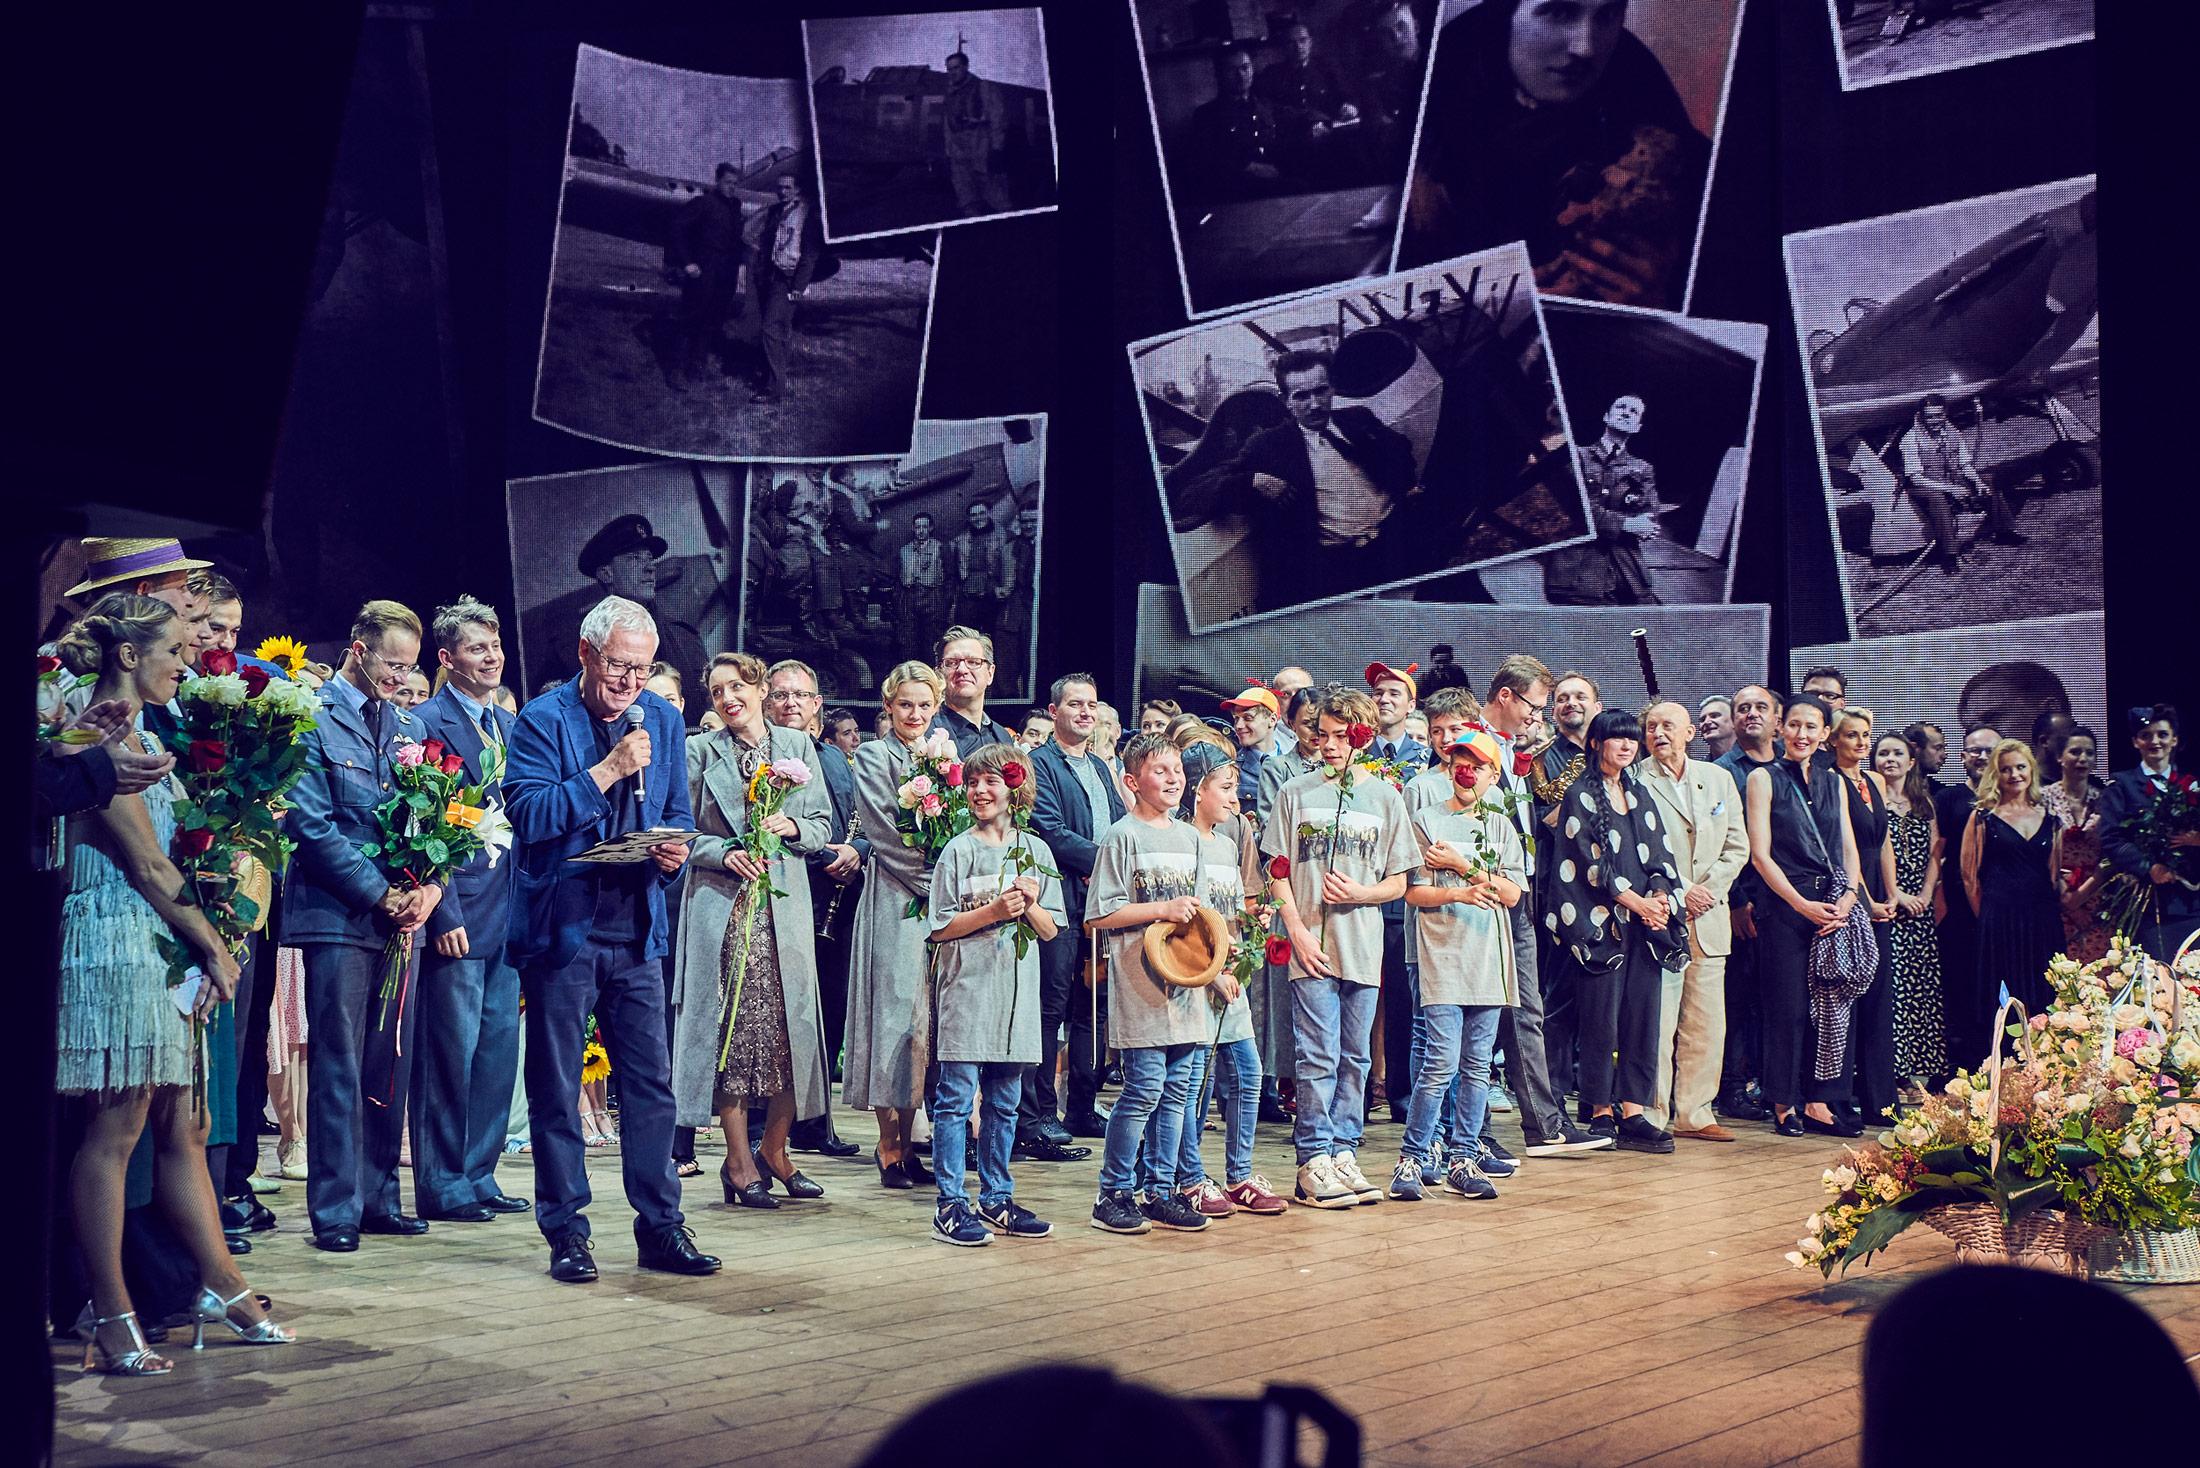 Piloci - pożegnanie tytułu w Teatrze Muzycznym ROMA!